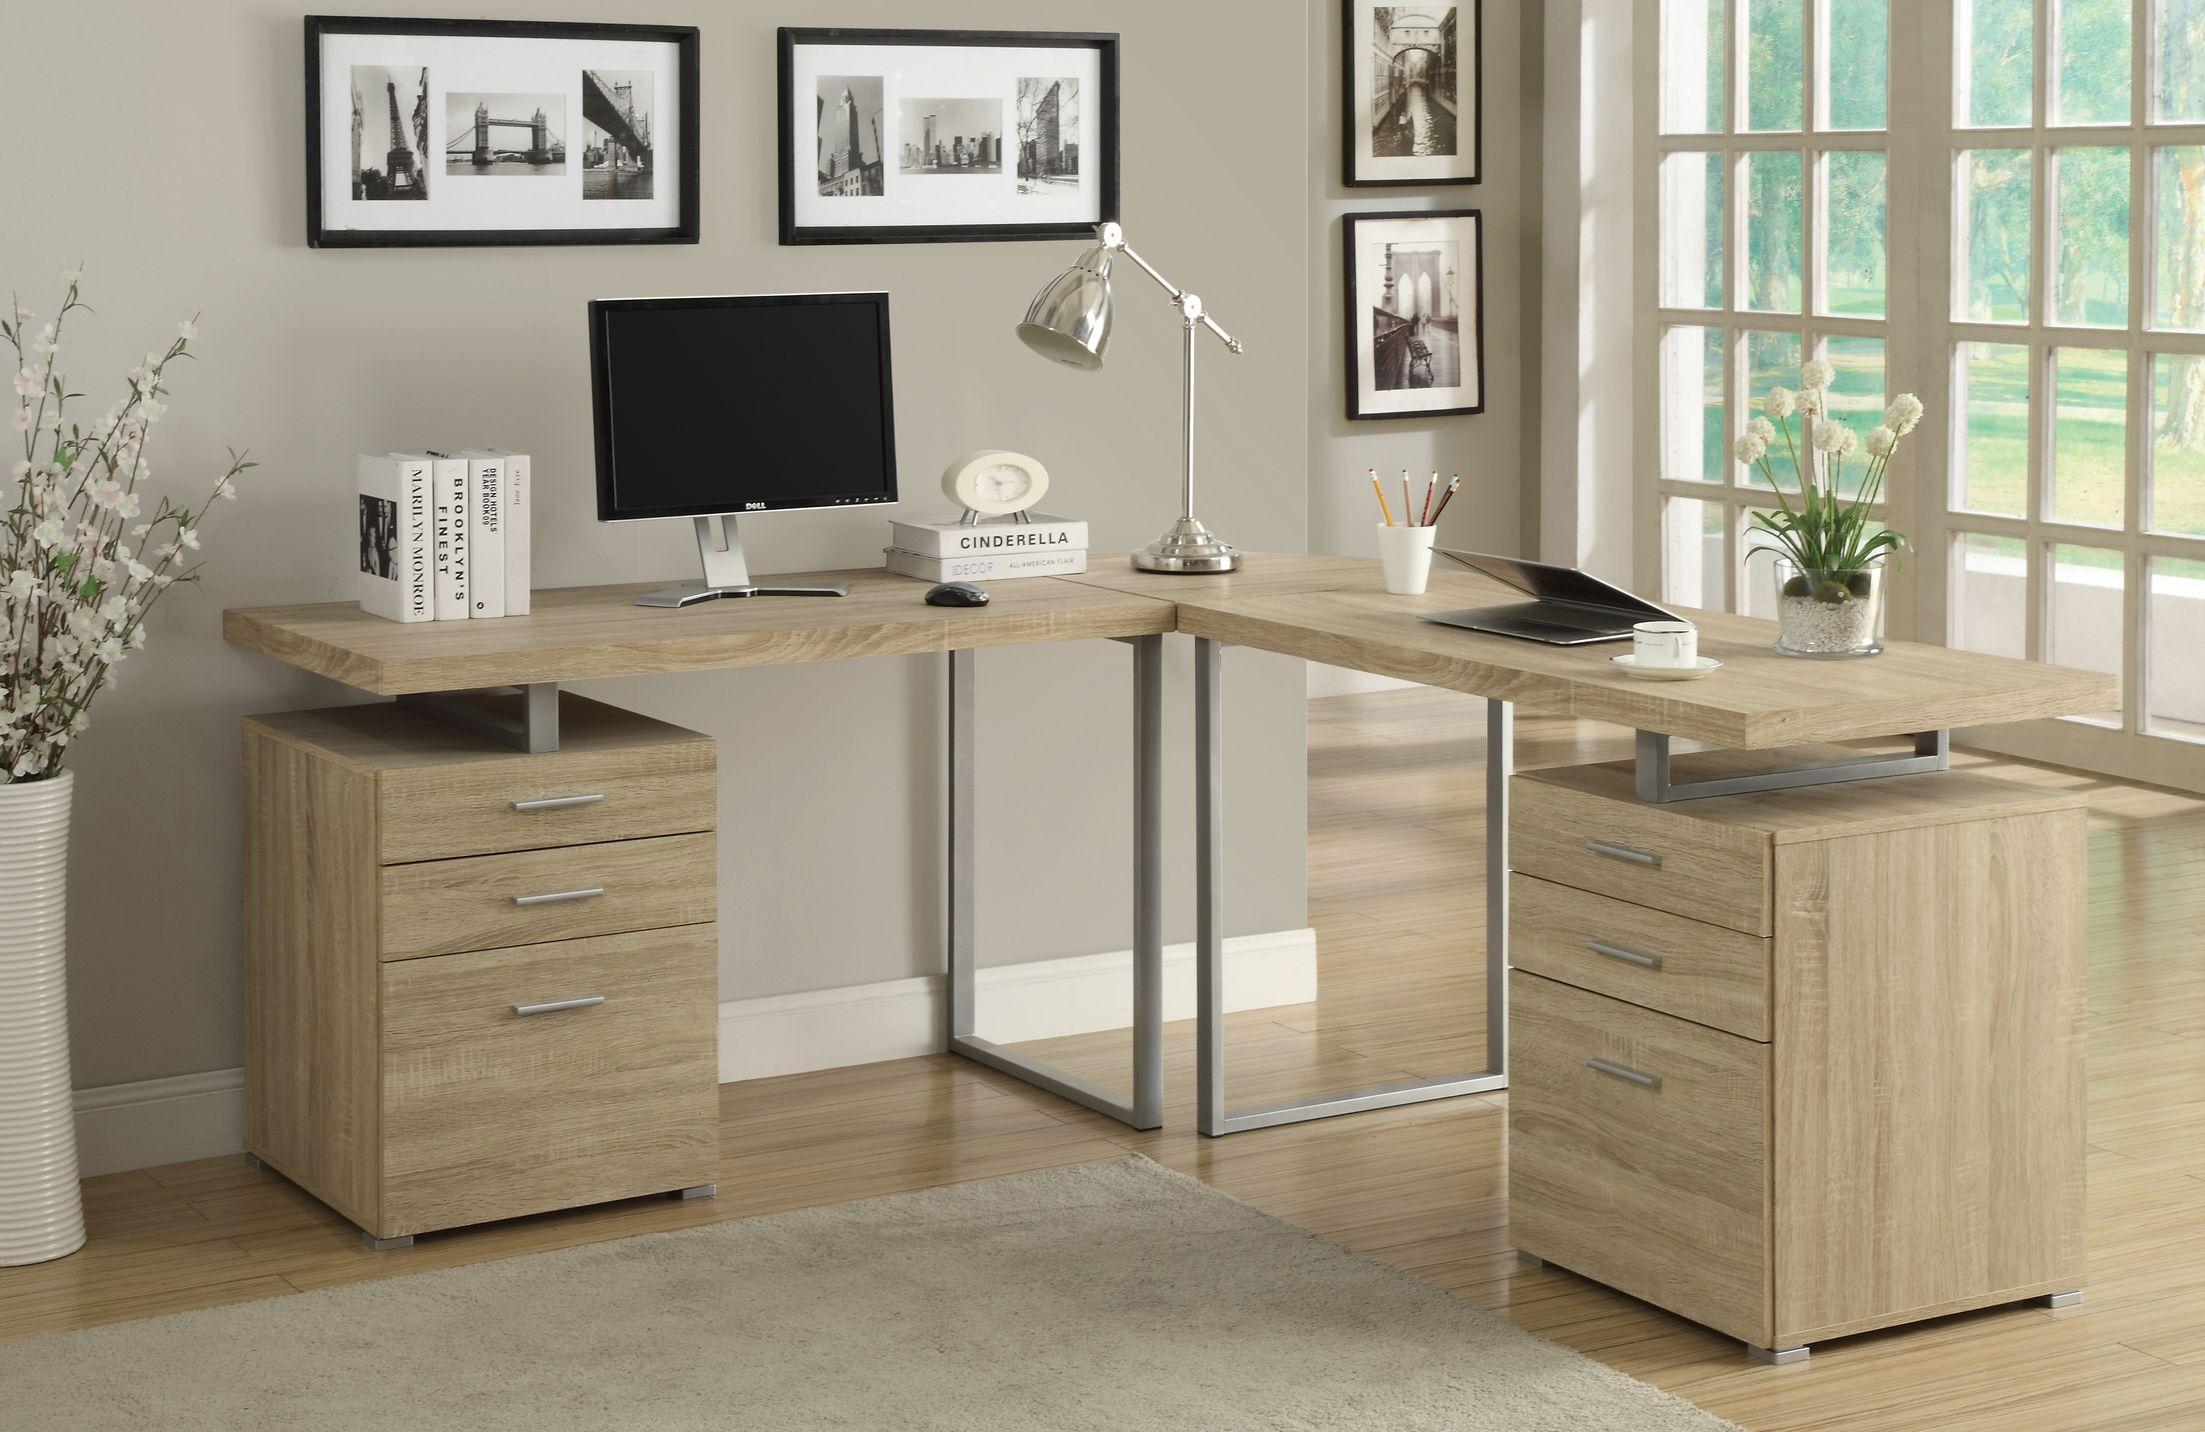 die besten 25 modern corner desk ideen auf pinterest schreibtische f r zuhause. Black Bedroom Furniture Sets. Home Design Ideas